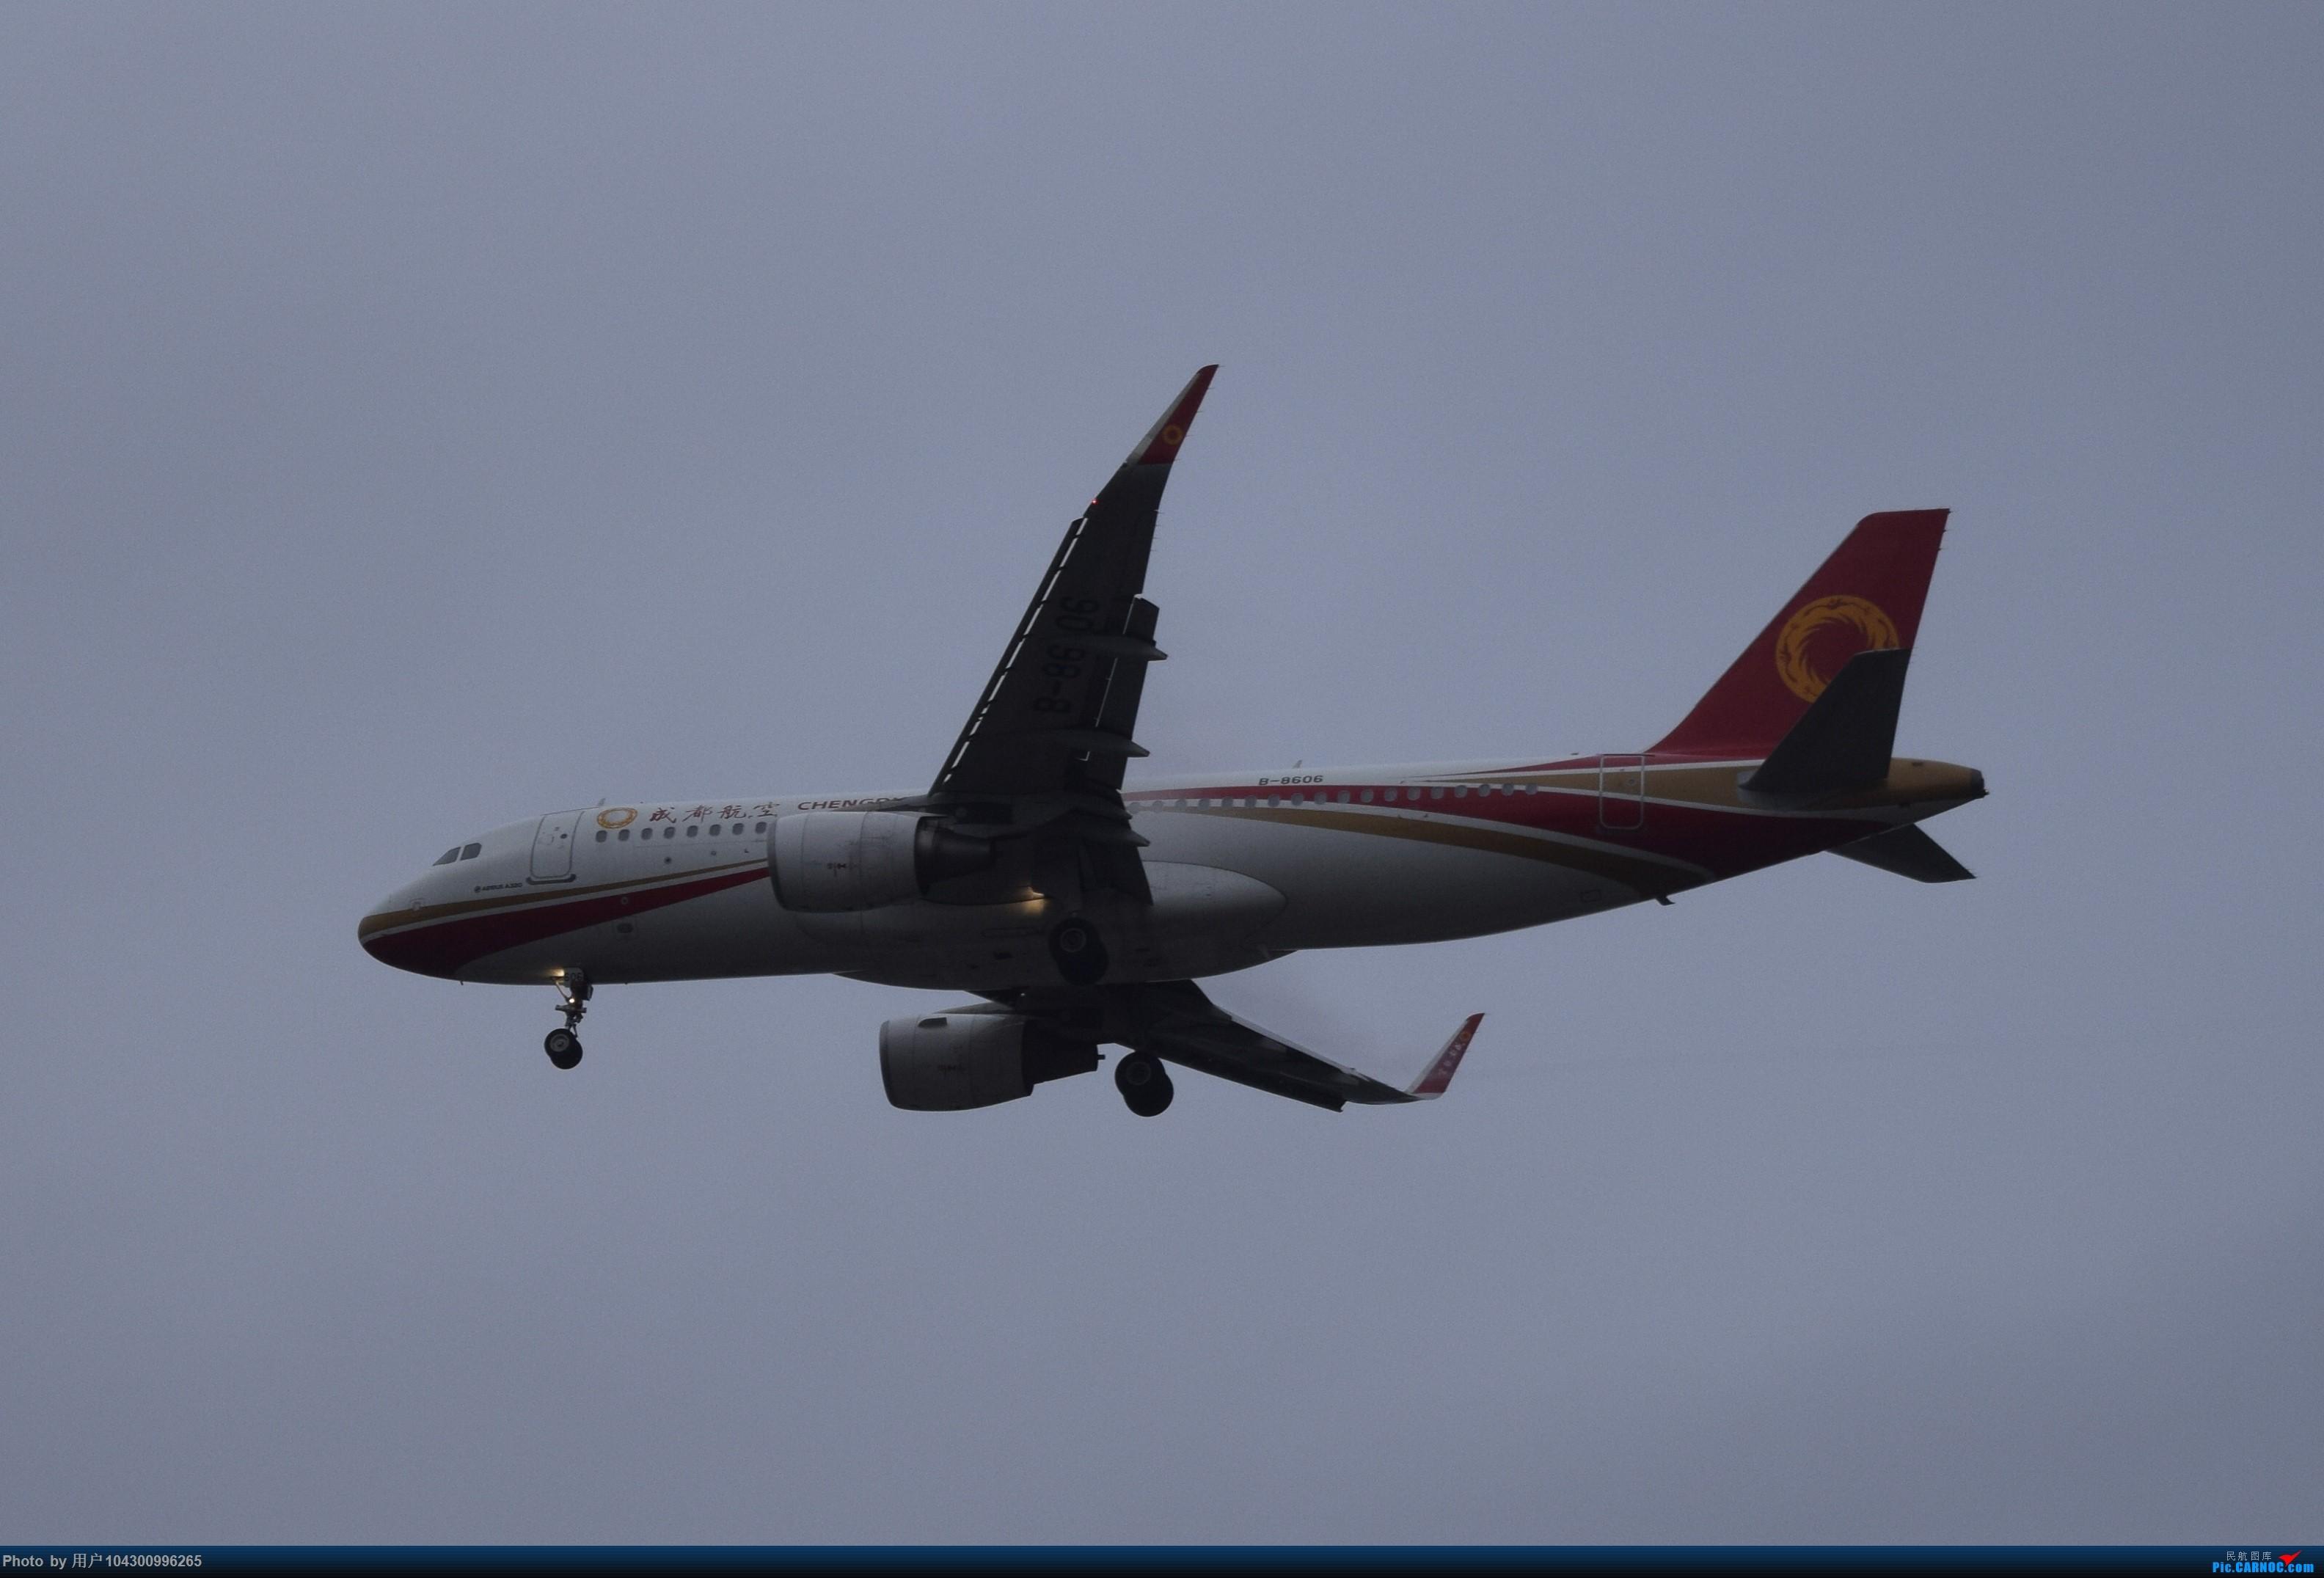 Re:[原创]乌云、雨雾之中的贵阳龙洞堡 AIRBUS A320-200 B-8606 中国贵阳龙洞堡国际机场